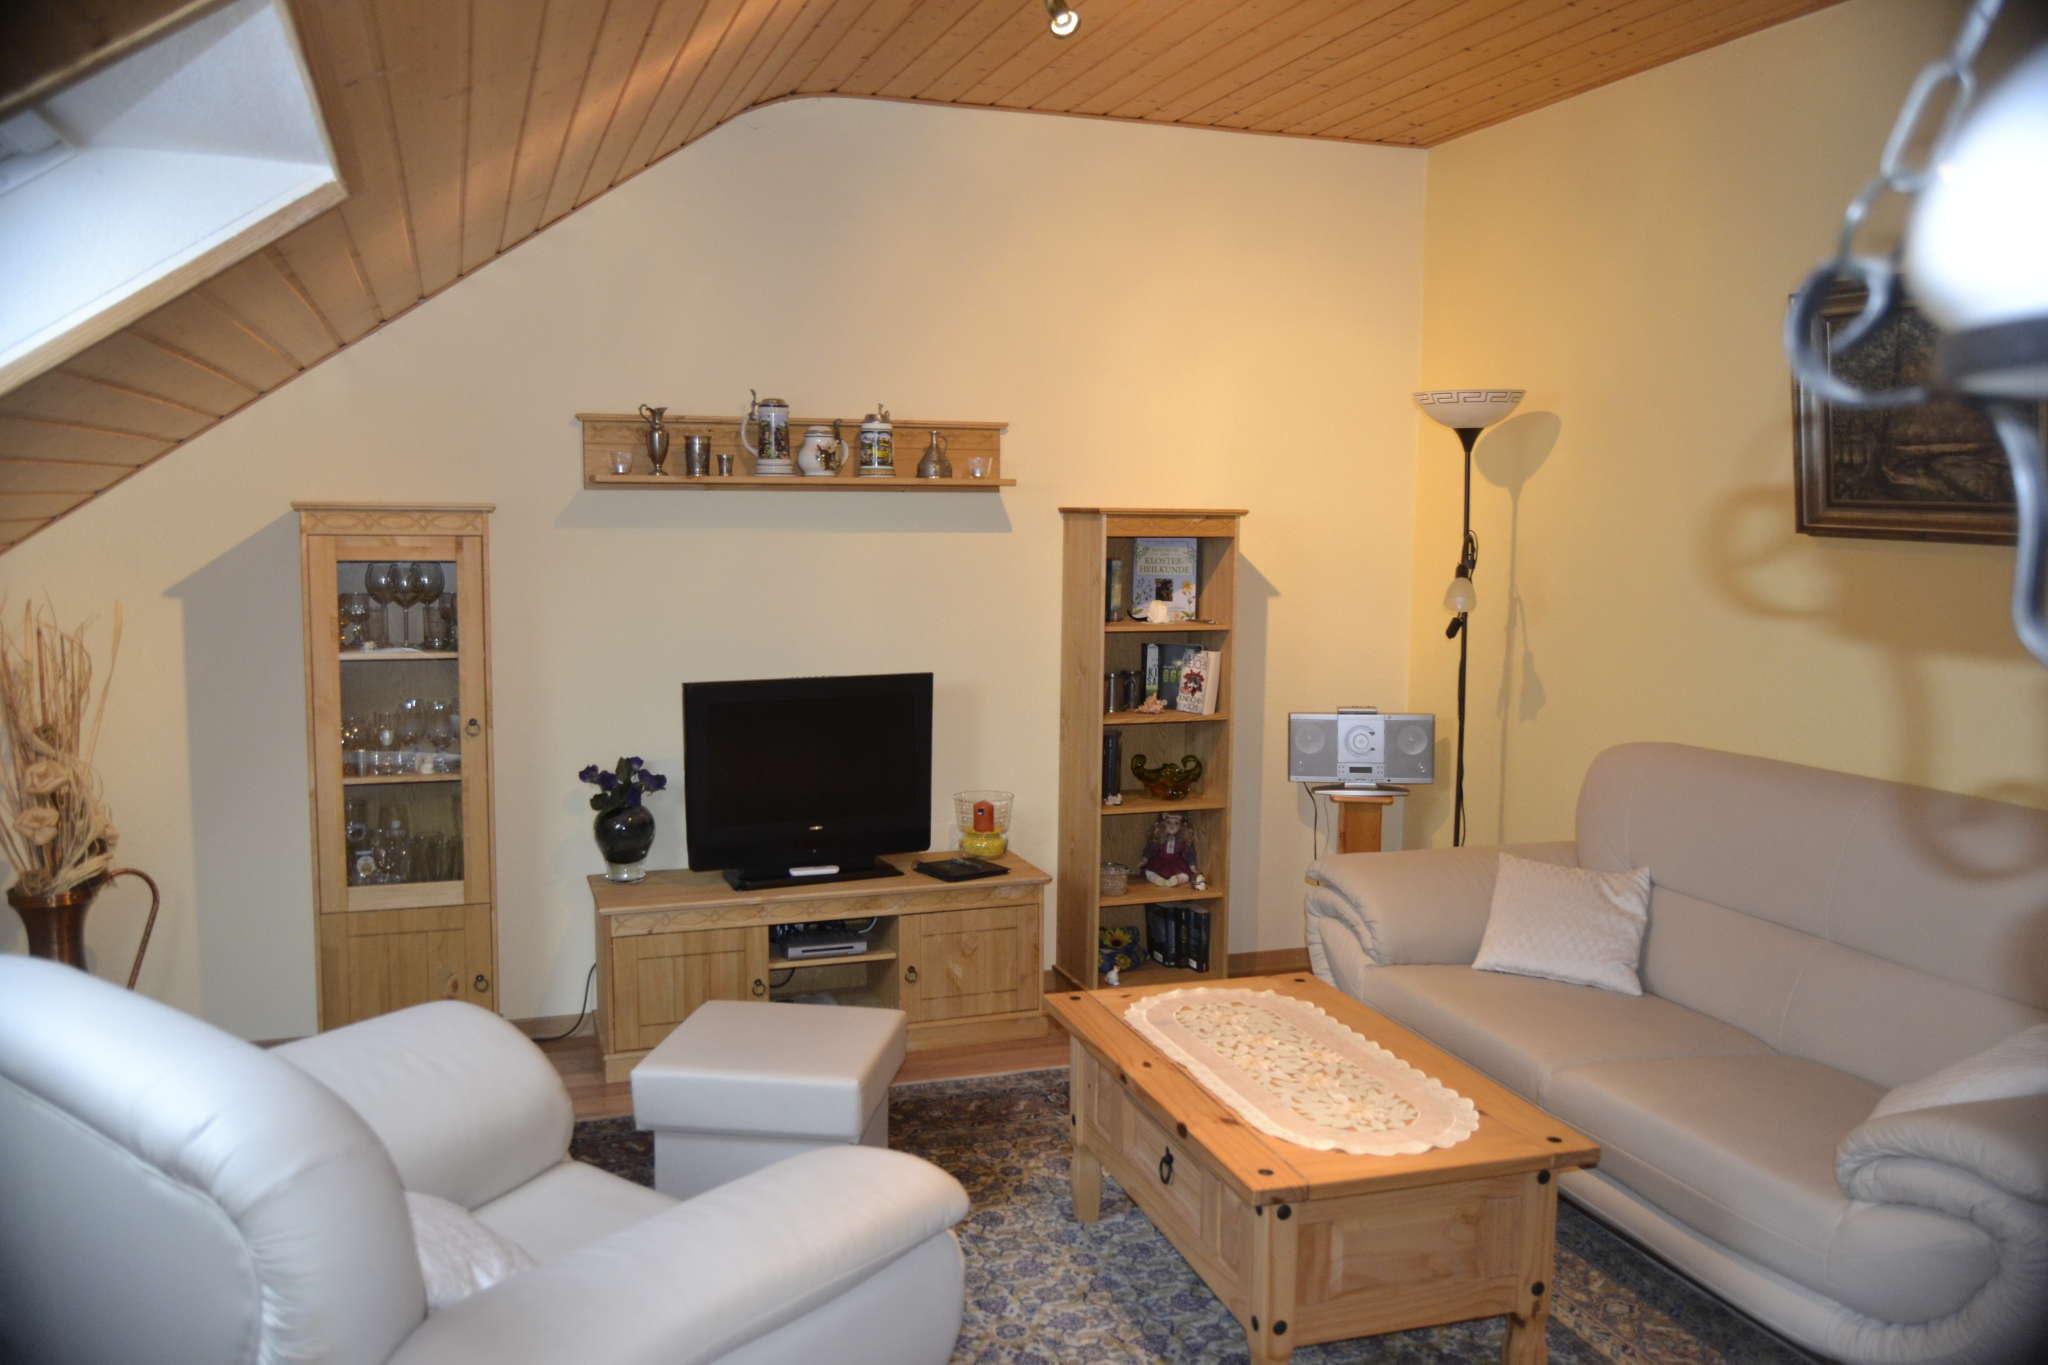 Zusatzbild Nr. 12 von Haus Moser - Ferienwohnung Wildensee